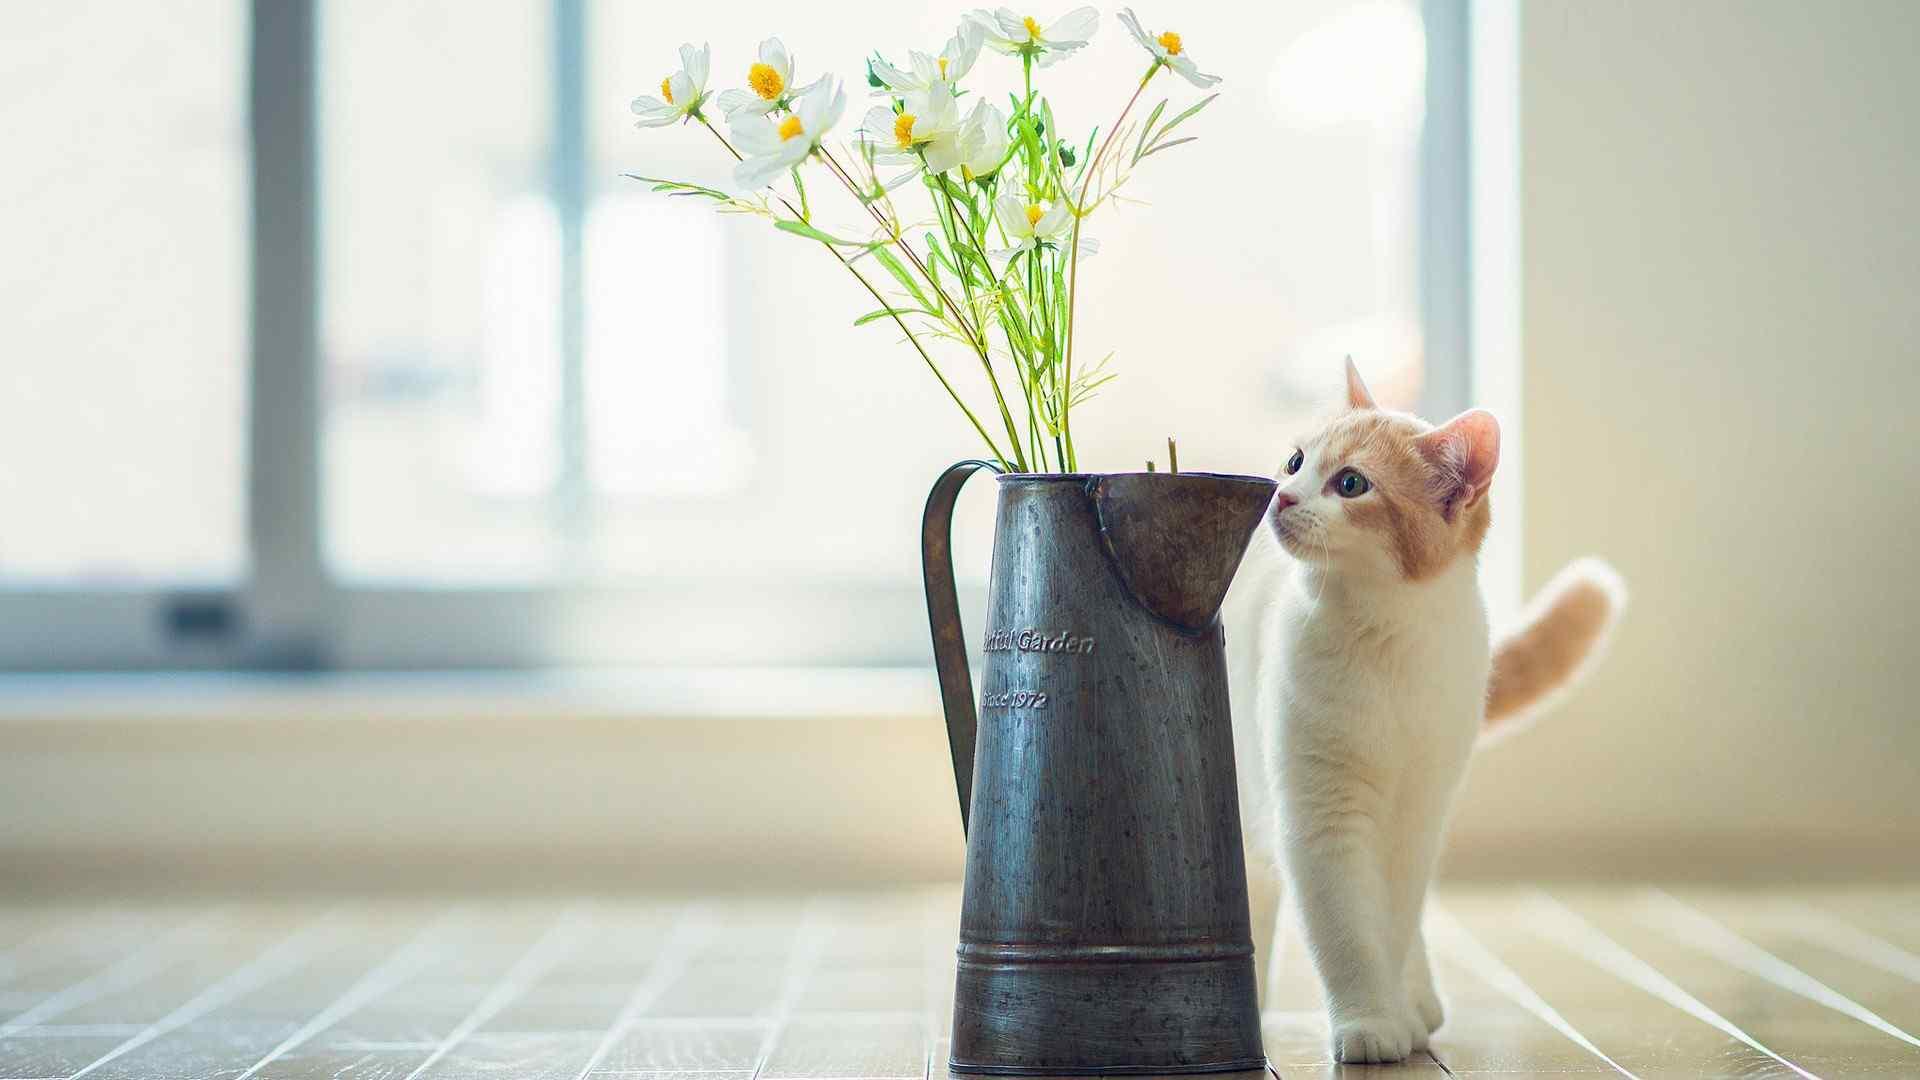 可爱猫咪图片桌面高清壁纸下载大全